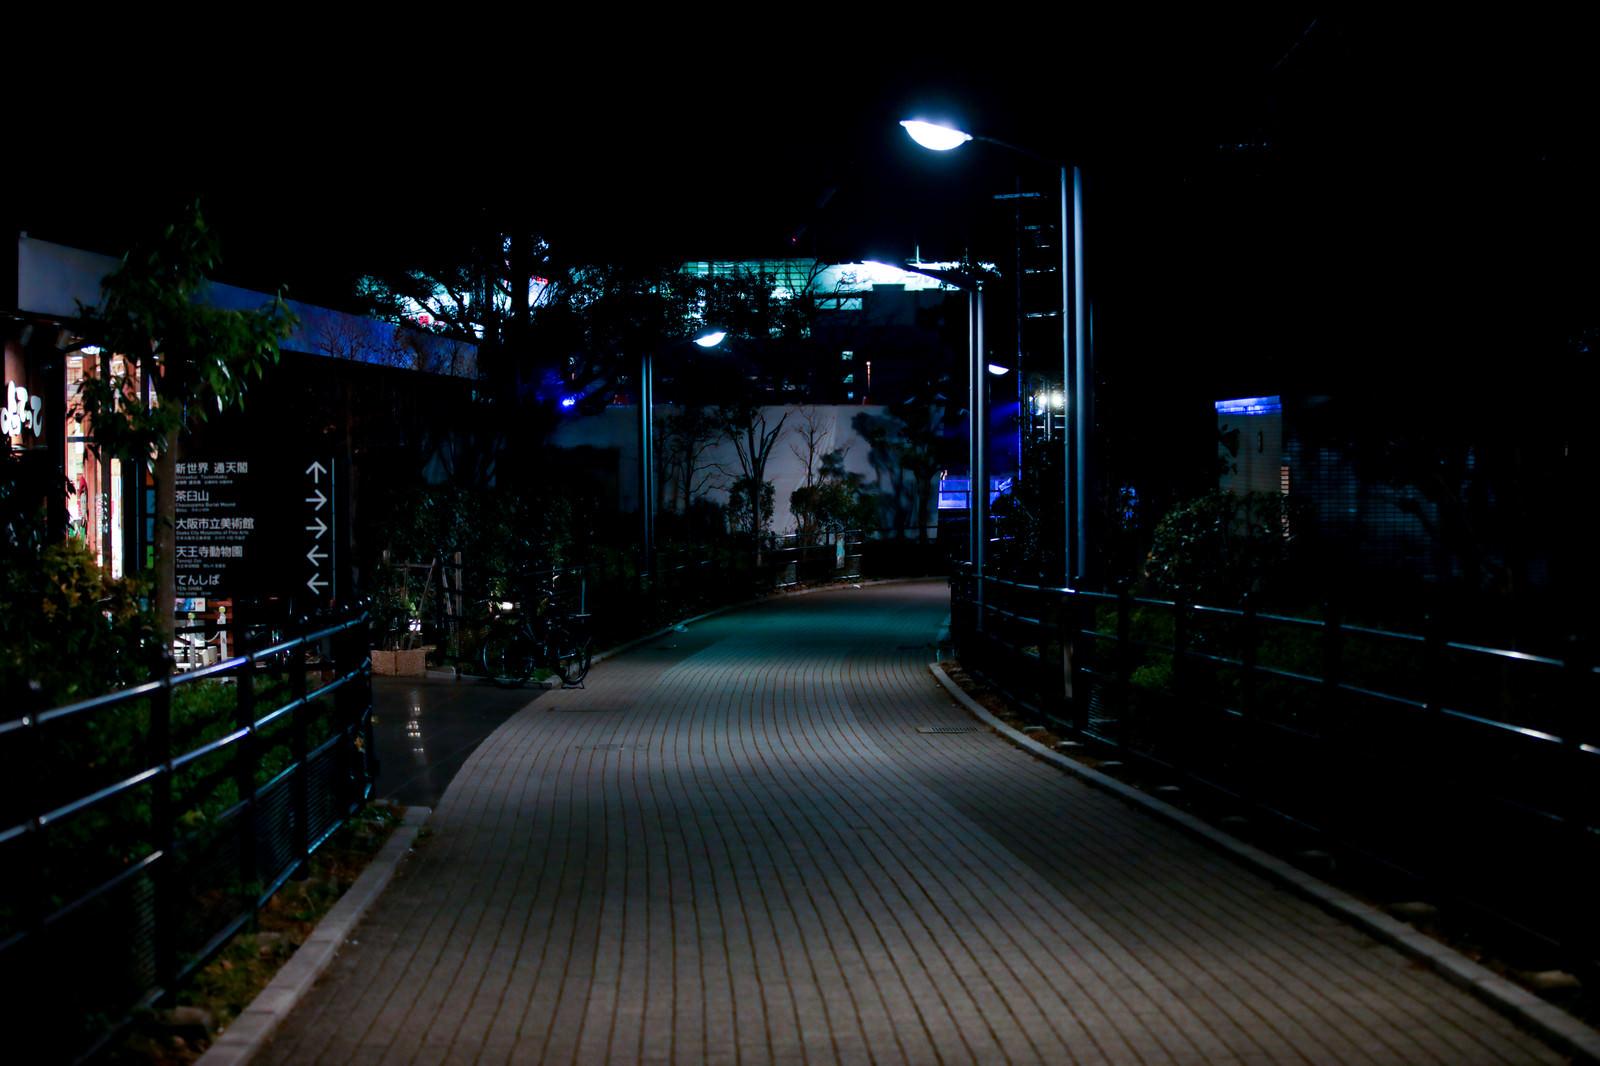 「深夜の歩道」の写真